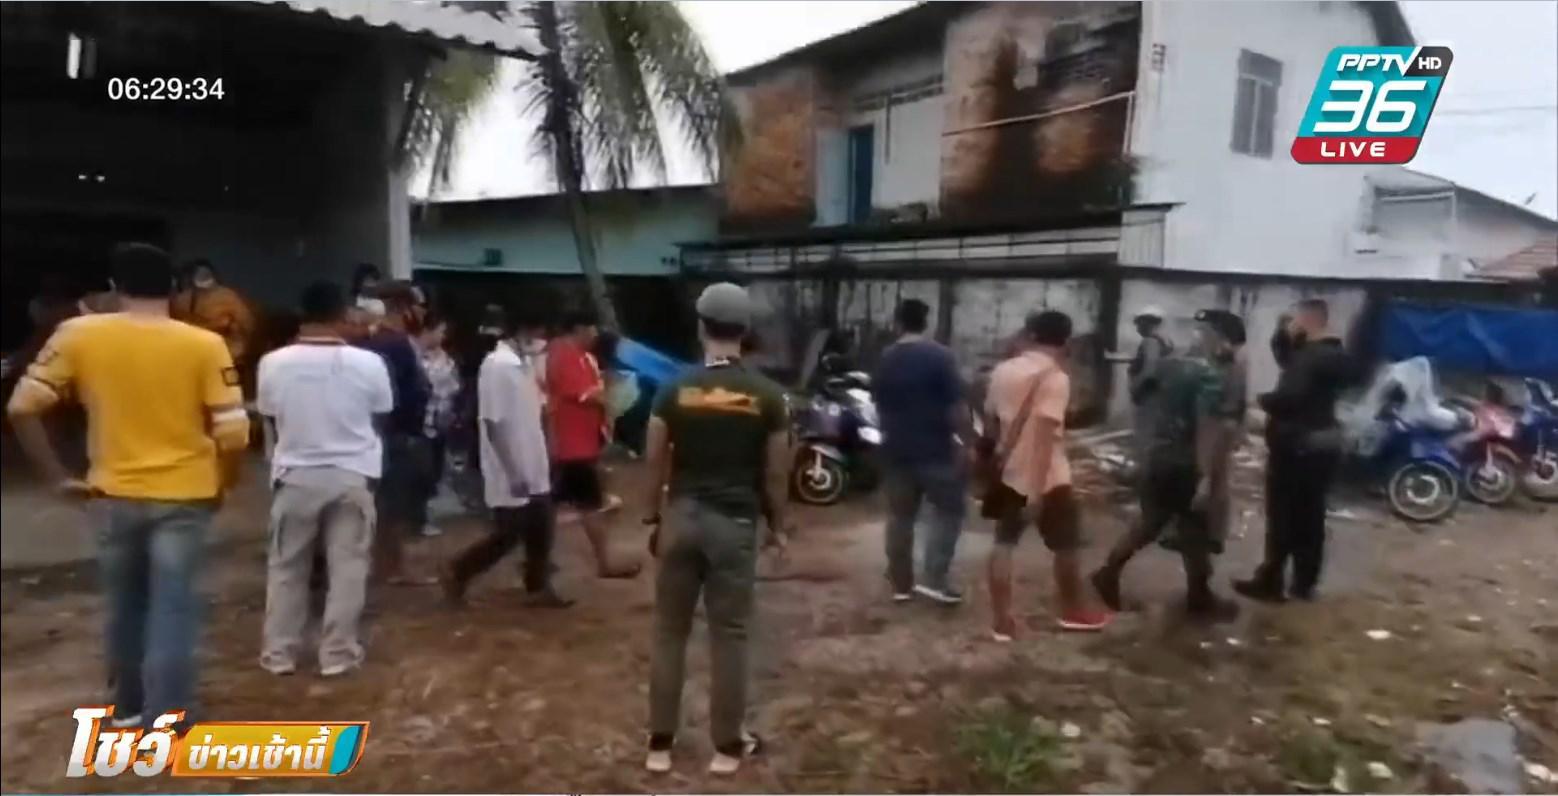 ทหาร-ตำรวจ บุกจับบ่อนกลางเมืองระนอง